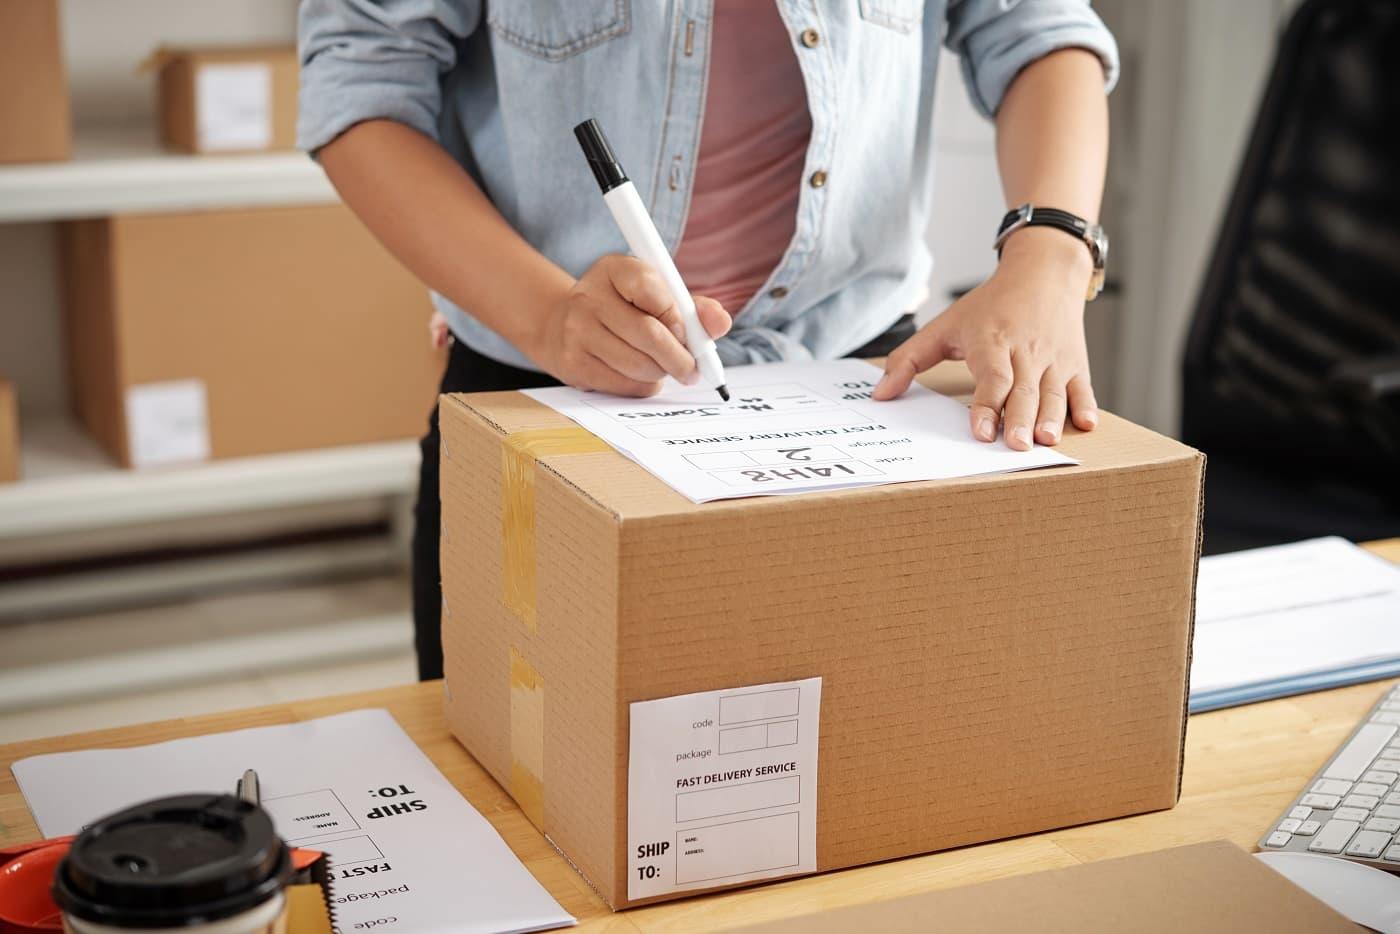 Preparación envío abrir tienda online requisitos